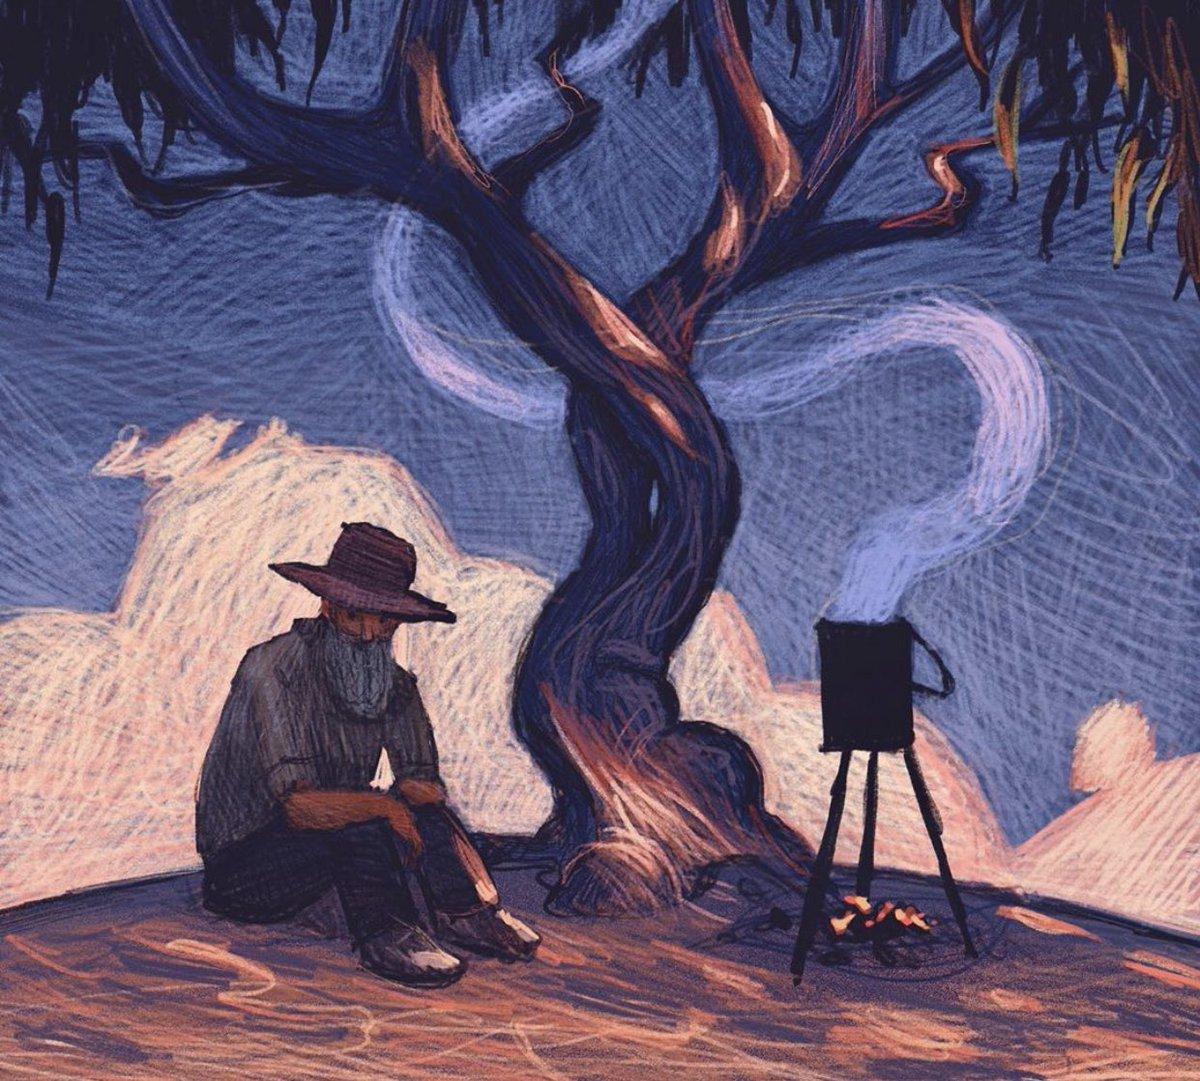 """""""إن المرء منا ليشعر بالألفة حتى مع شجرة جلس تحتها أكثر من مرة فَكيف يُنسى من ألفتهُ الروح؟"""" https://t.co/2dLU7vDZDY"""